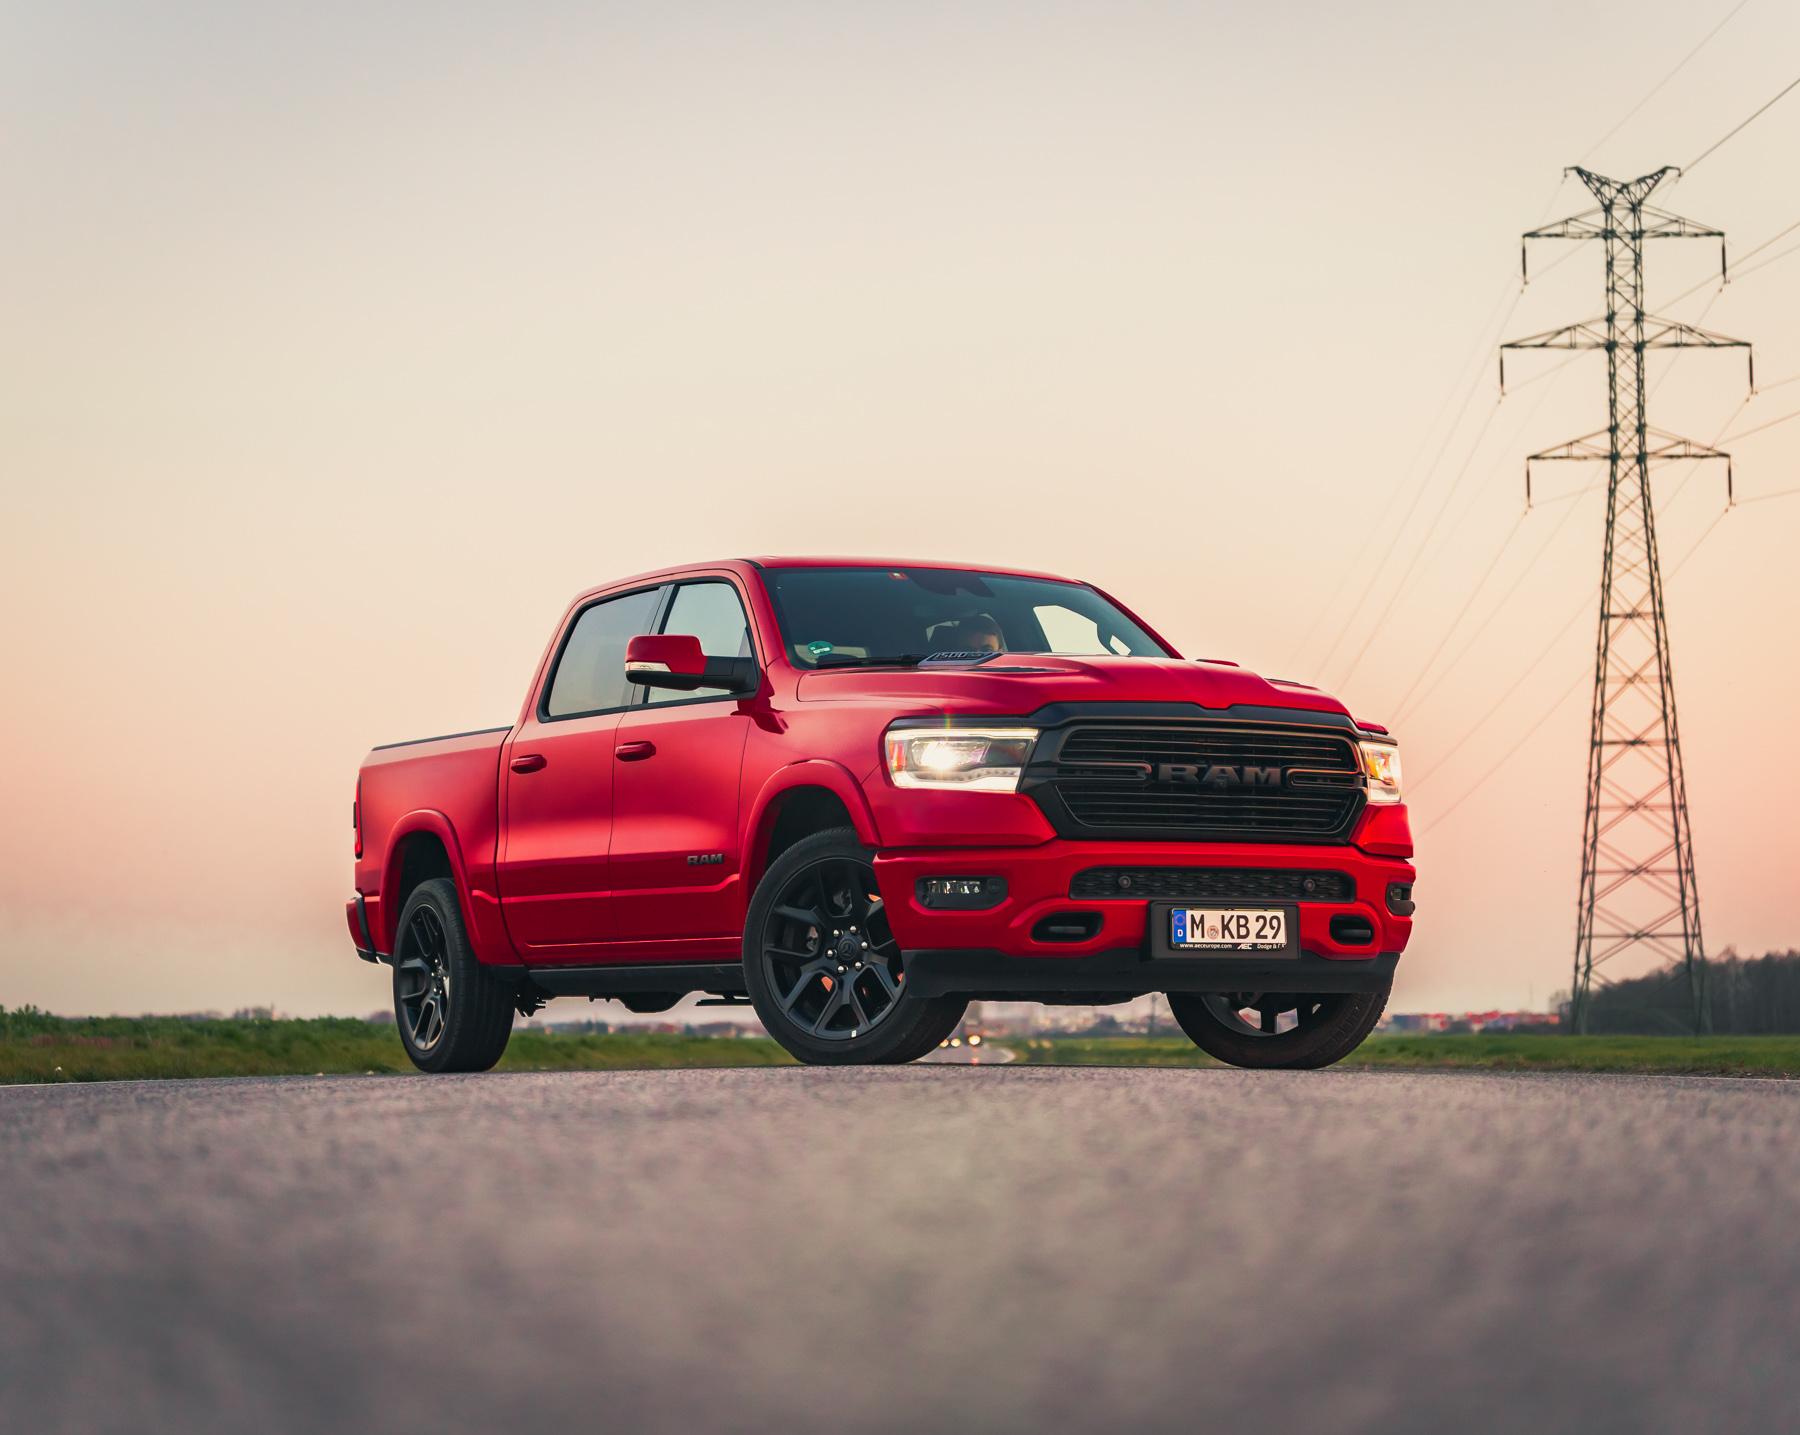 sprzedaż pickupów w USA